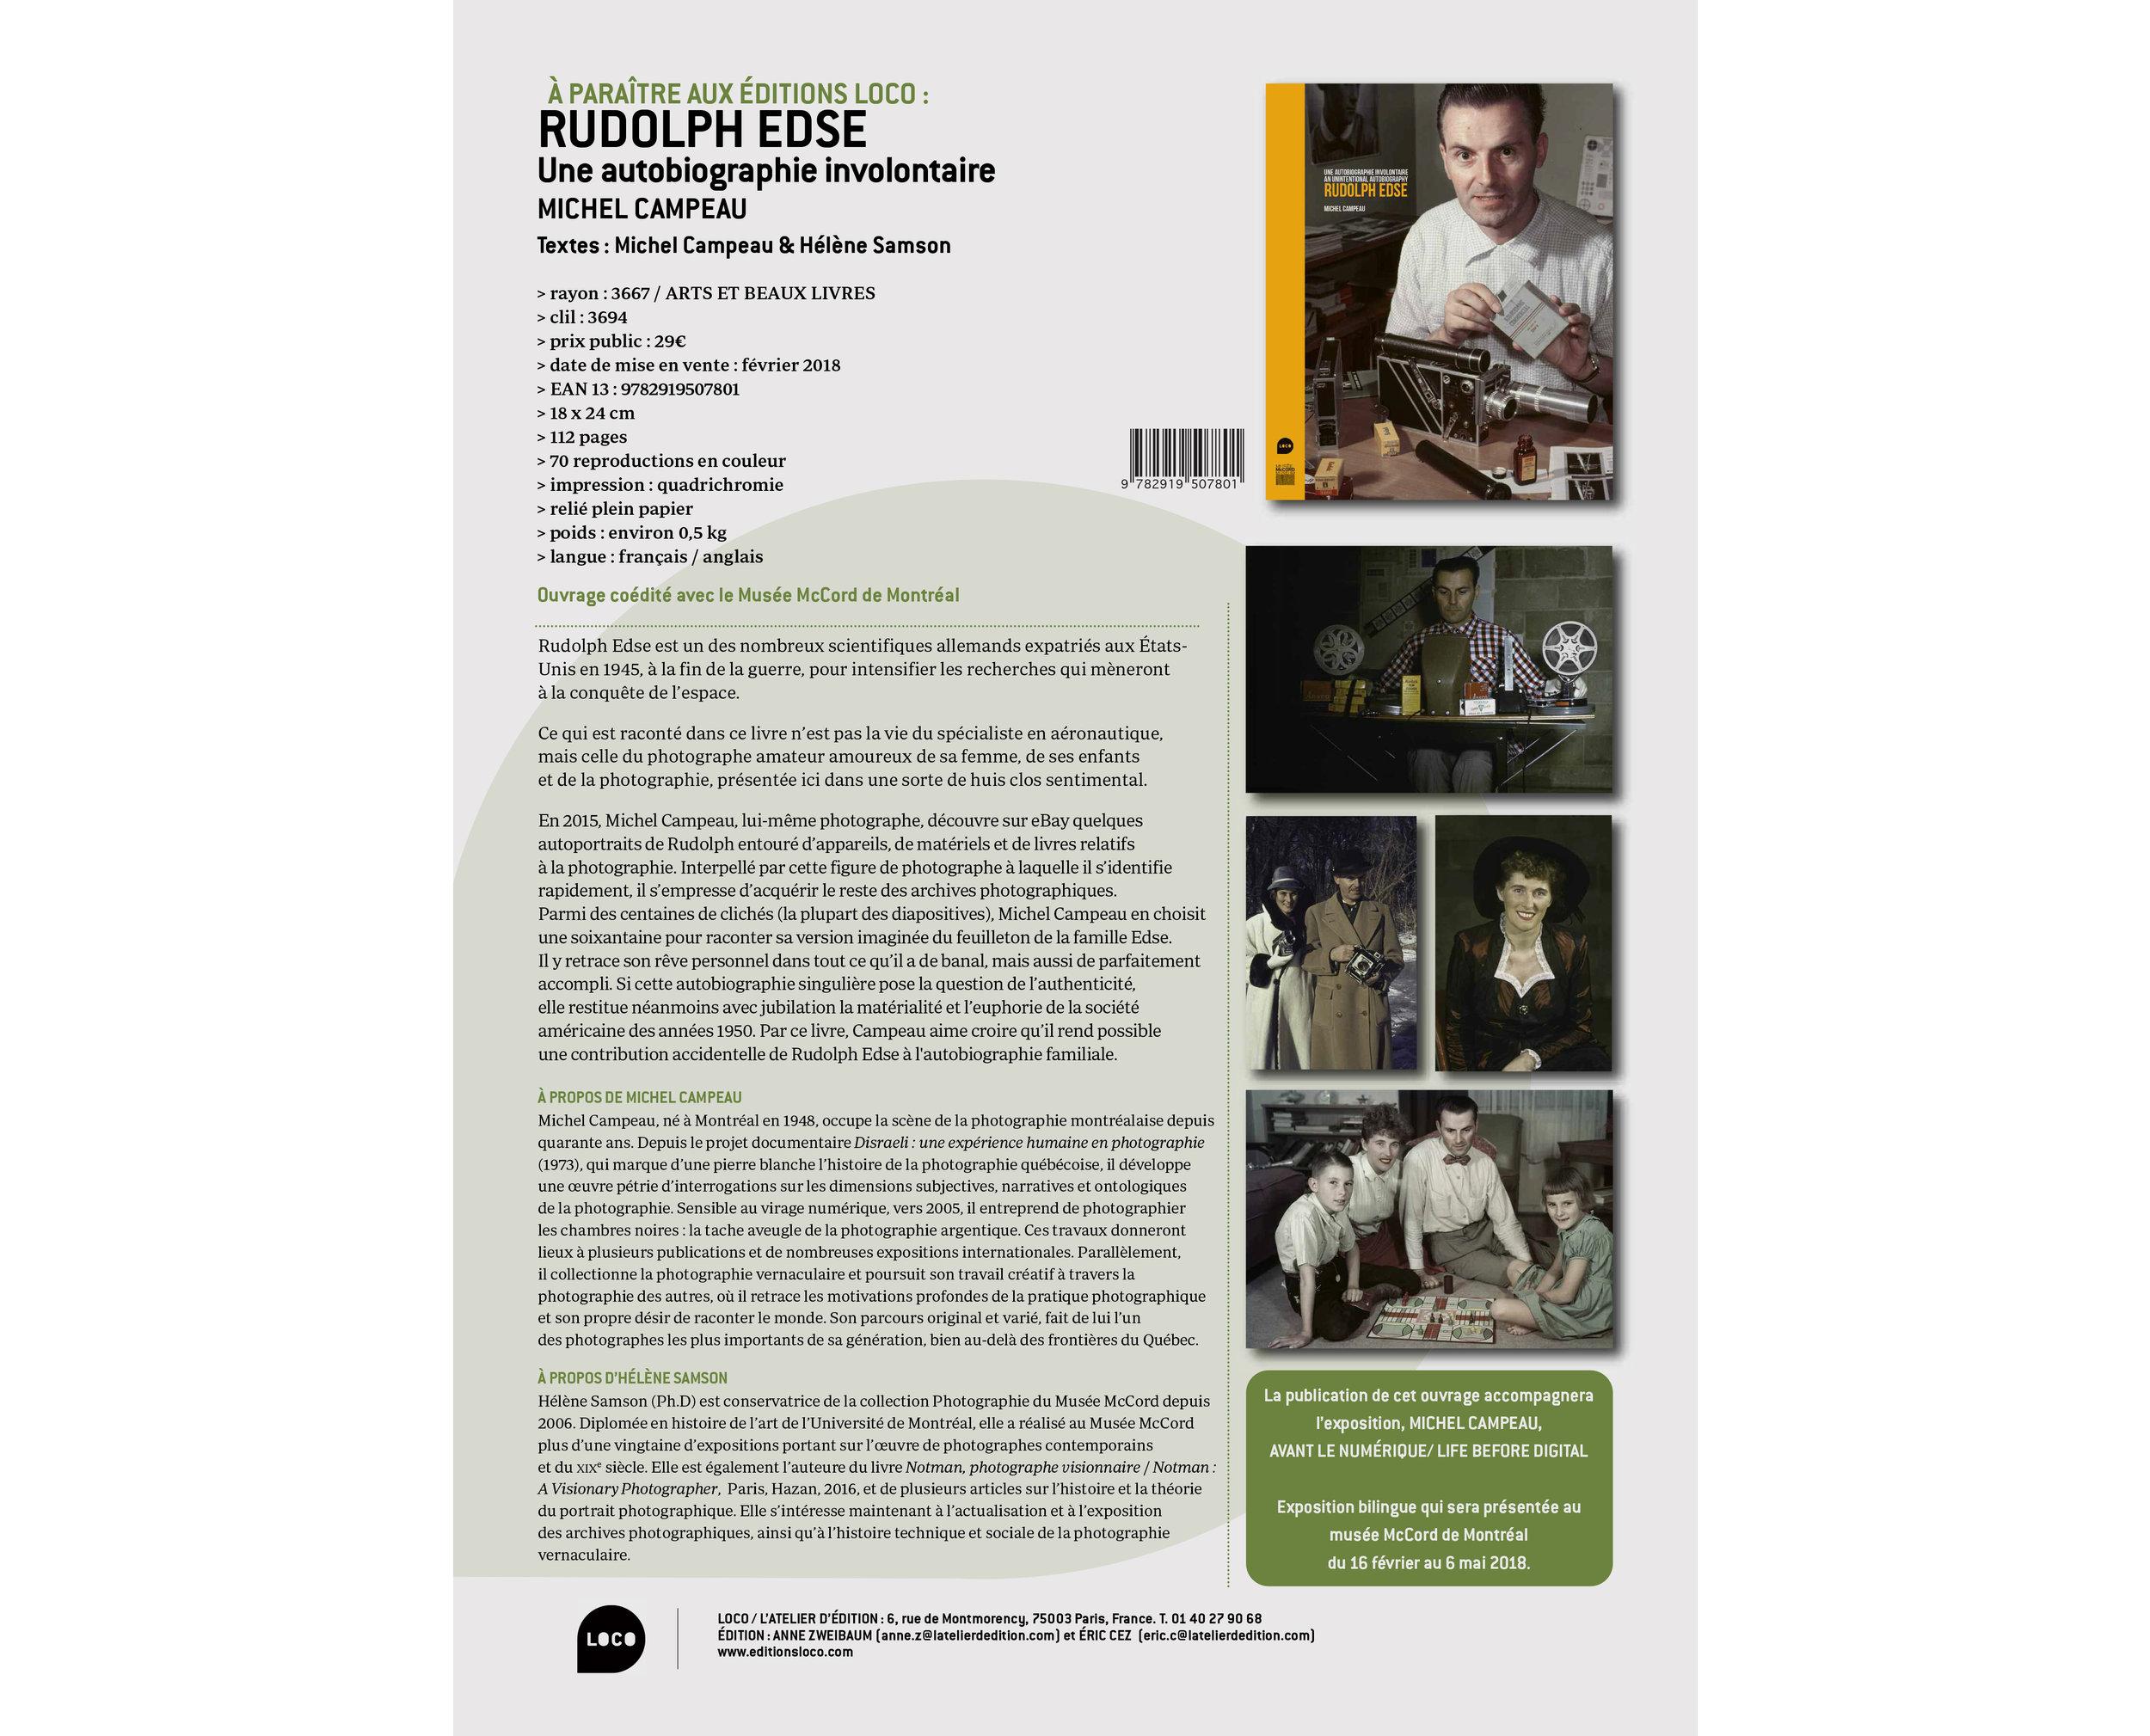 Communiqué des Éditions Loco pour la promotion de l'album  Rudolph Edse. Une autobiographie involontaire